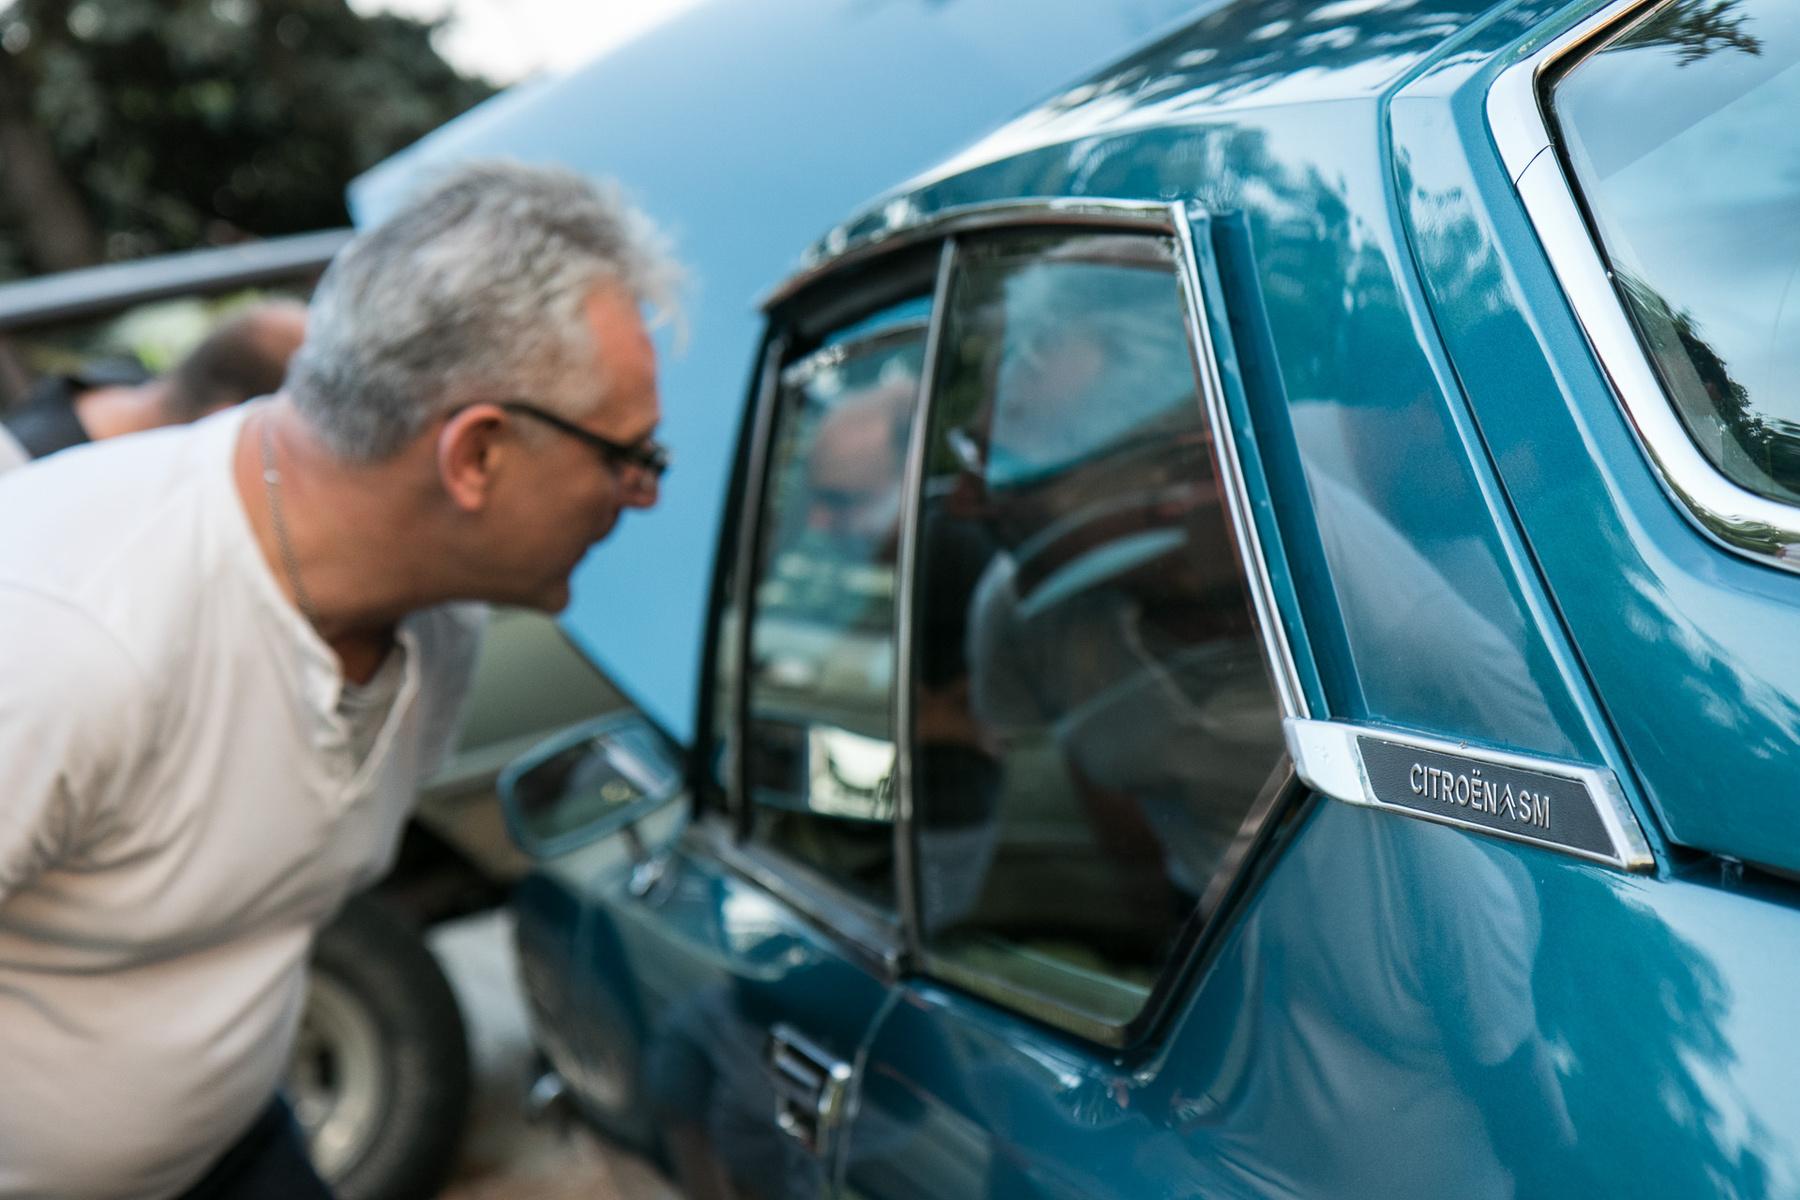 A kocsi piaci értéke soha nem fogja tükrözni, hogy mennyit költöttek rá, de nagyon nem